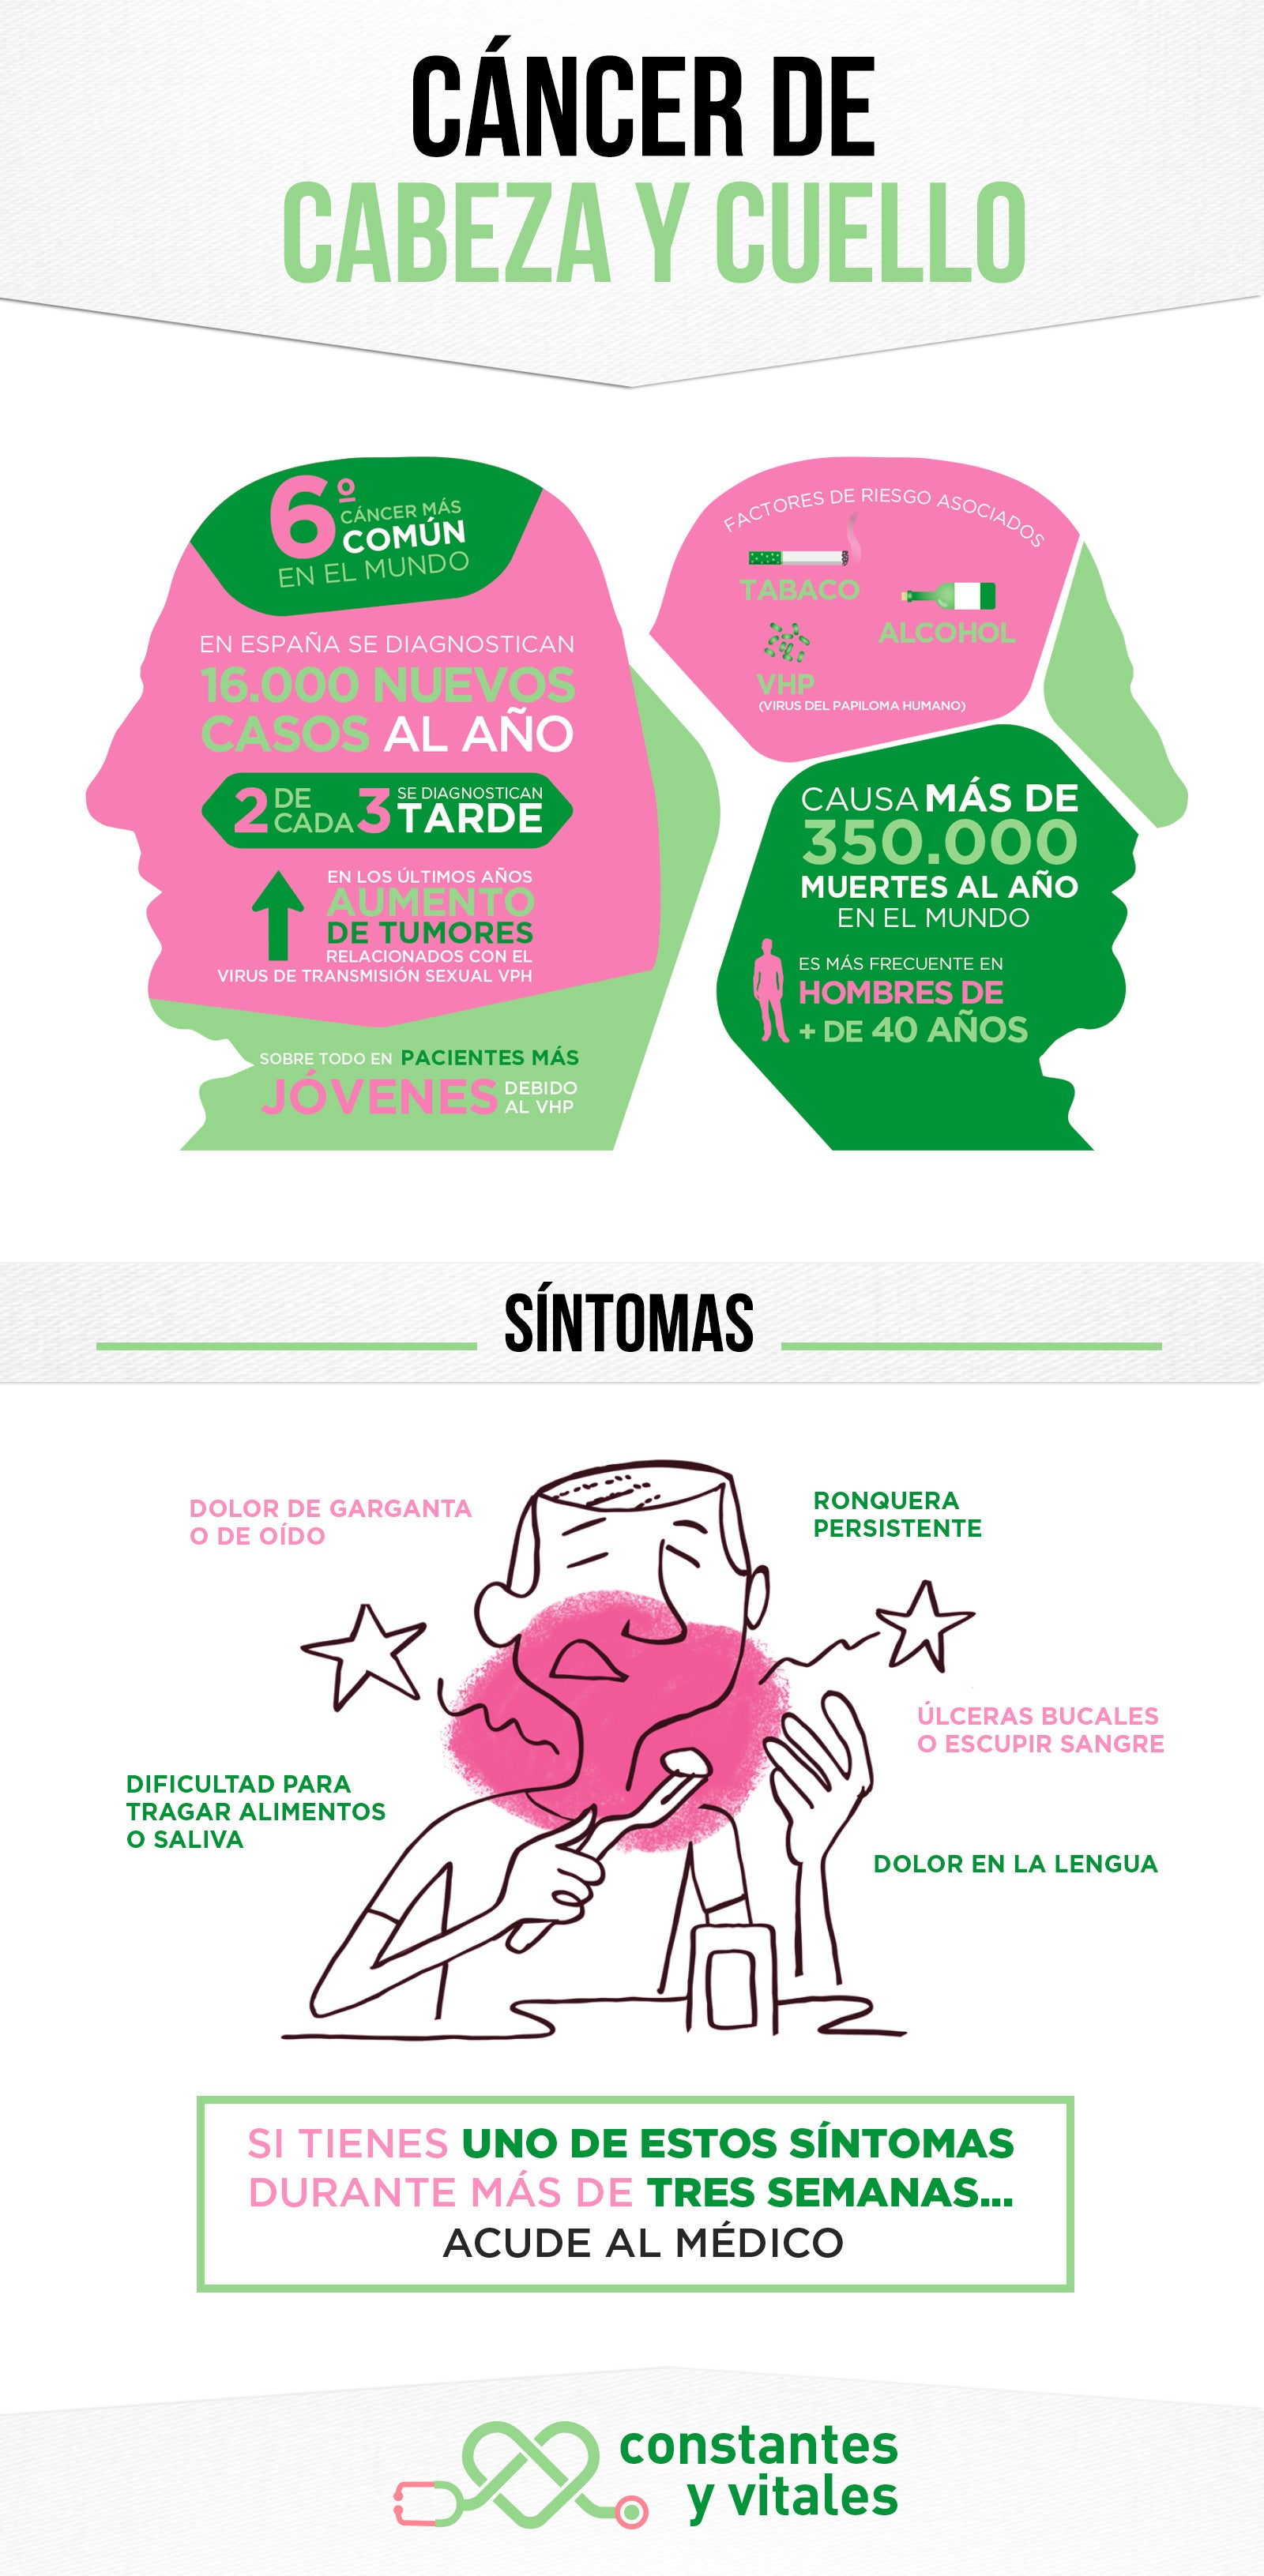 Infografía del Cáncer de Cabeza y Cuello